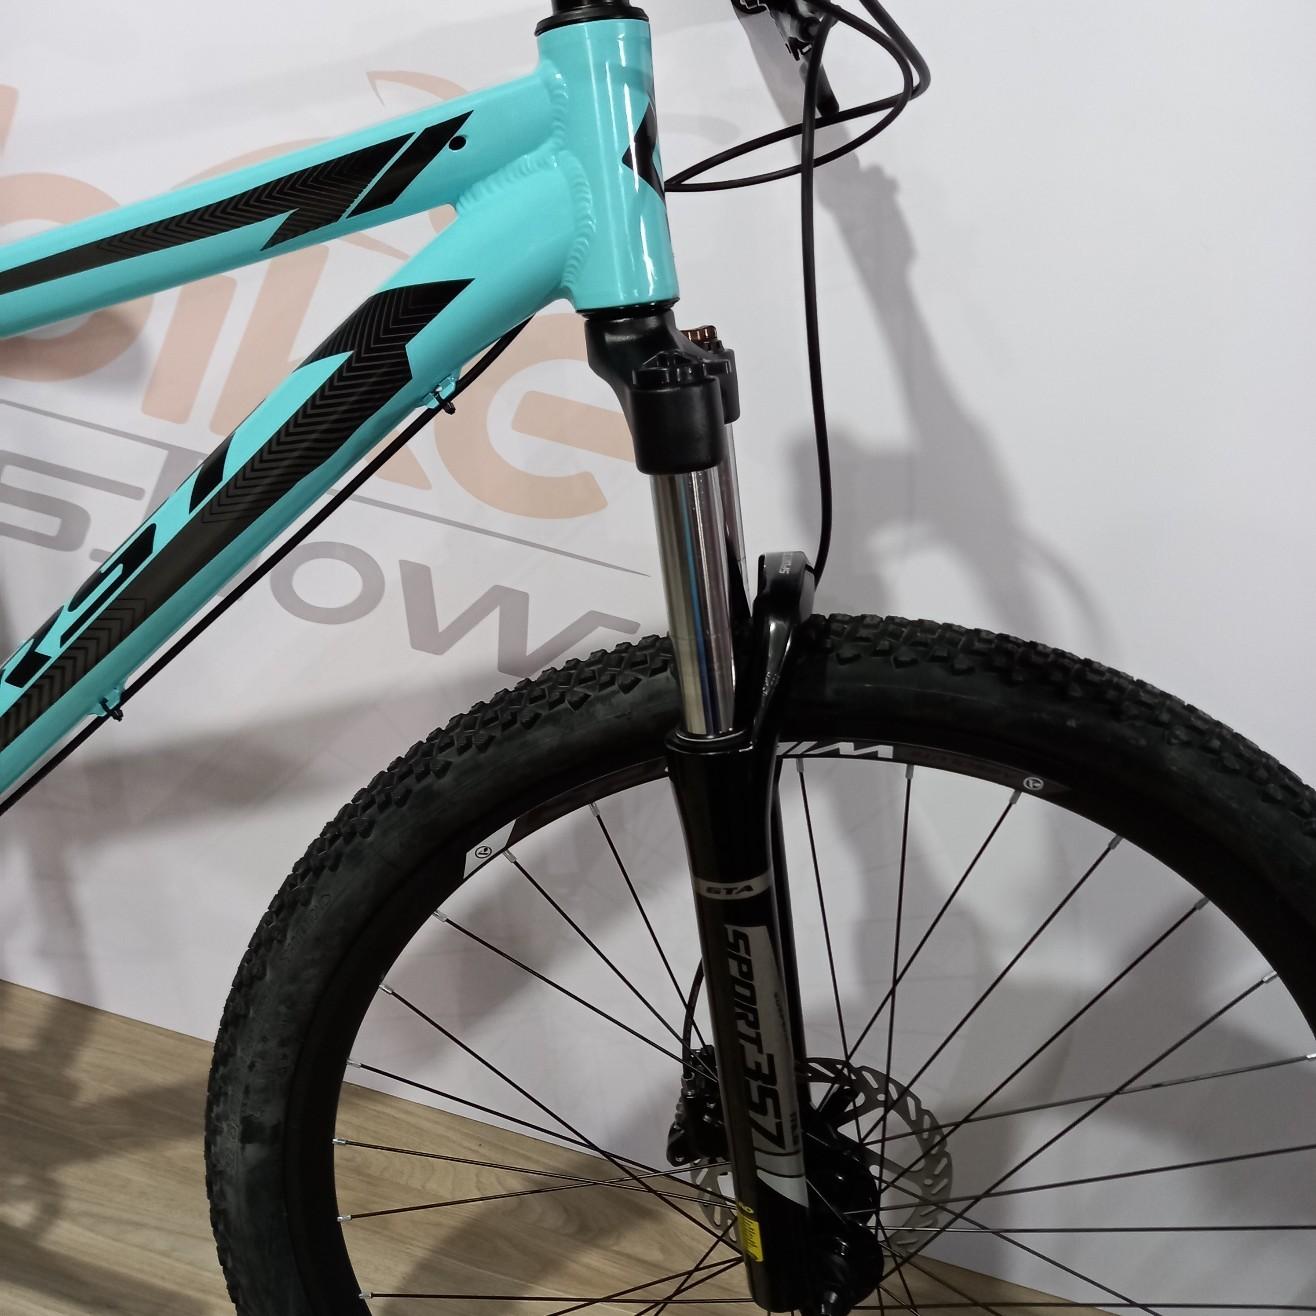 Bicicleta FIRST Smitt aro 29 - 8v MicroShift Acolyte - K7 12/46 dentes - Suspensão GTA toda em alumínio